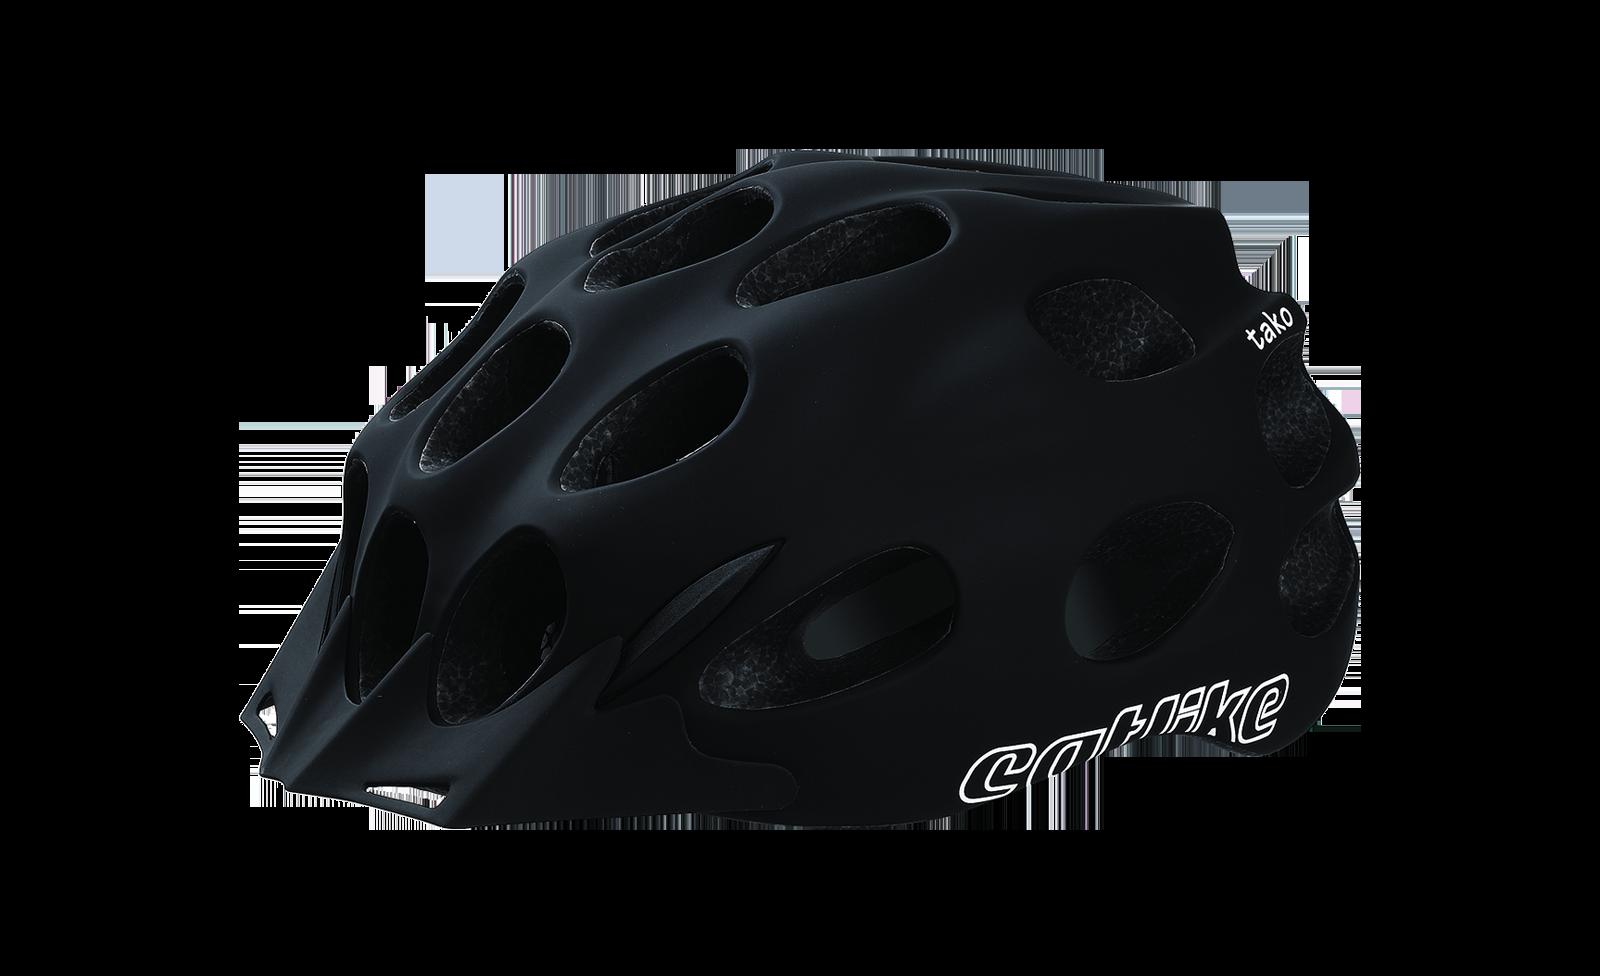 Bicycle Helmet Png Image With Images Bicycle Helmet Helmet